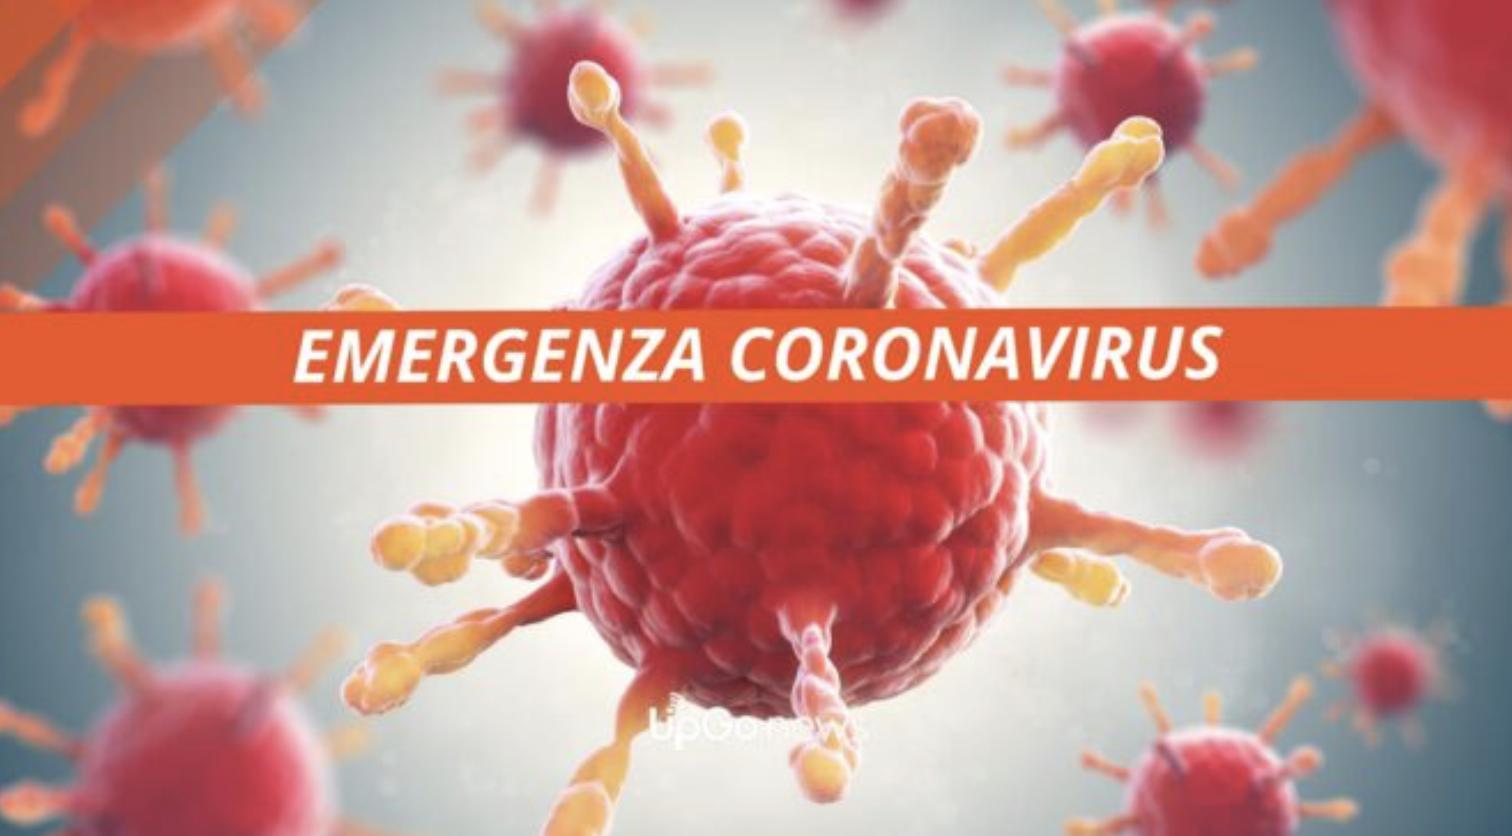 Coronavirus Tivoli, un nuovo contagio: stessa famiglia dei precedenti casi